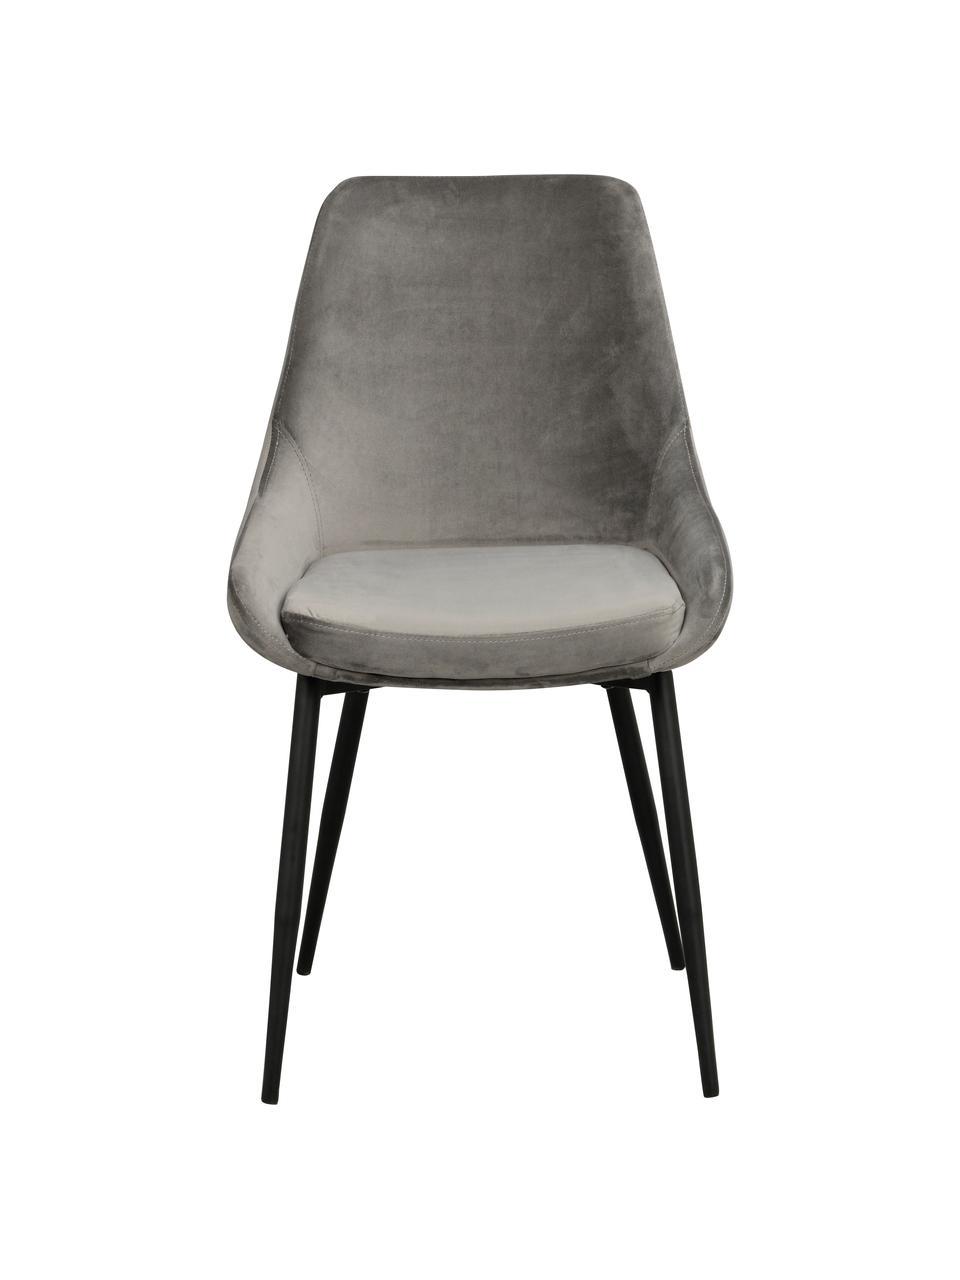 Krzesło tapicerowane z aksamitu Sierra, 2 szt., Tapicerka: aksamit poliestrowy Dzięk, Nogi: metal lakierowany, Aksamitny szary, nogi: czarny, S 49 x G 55 cm